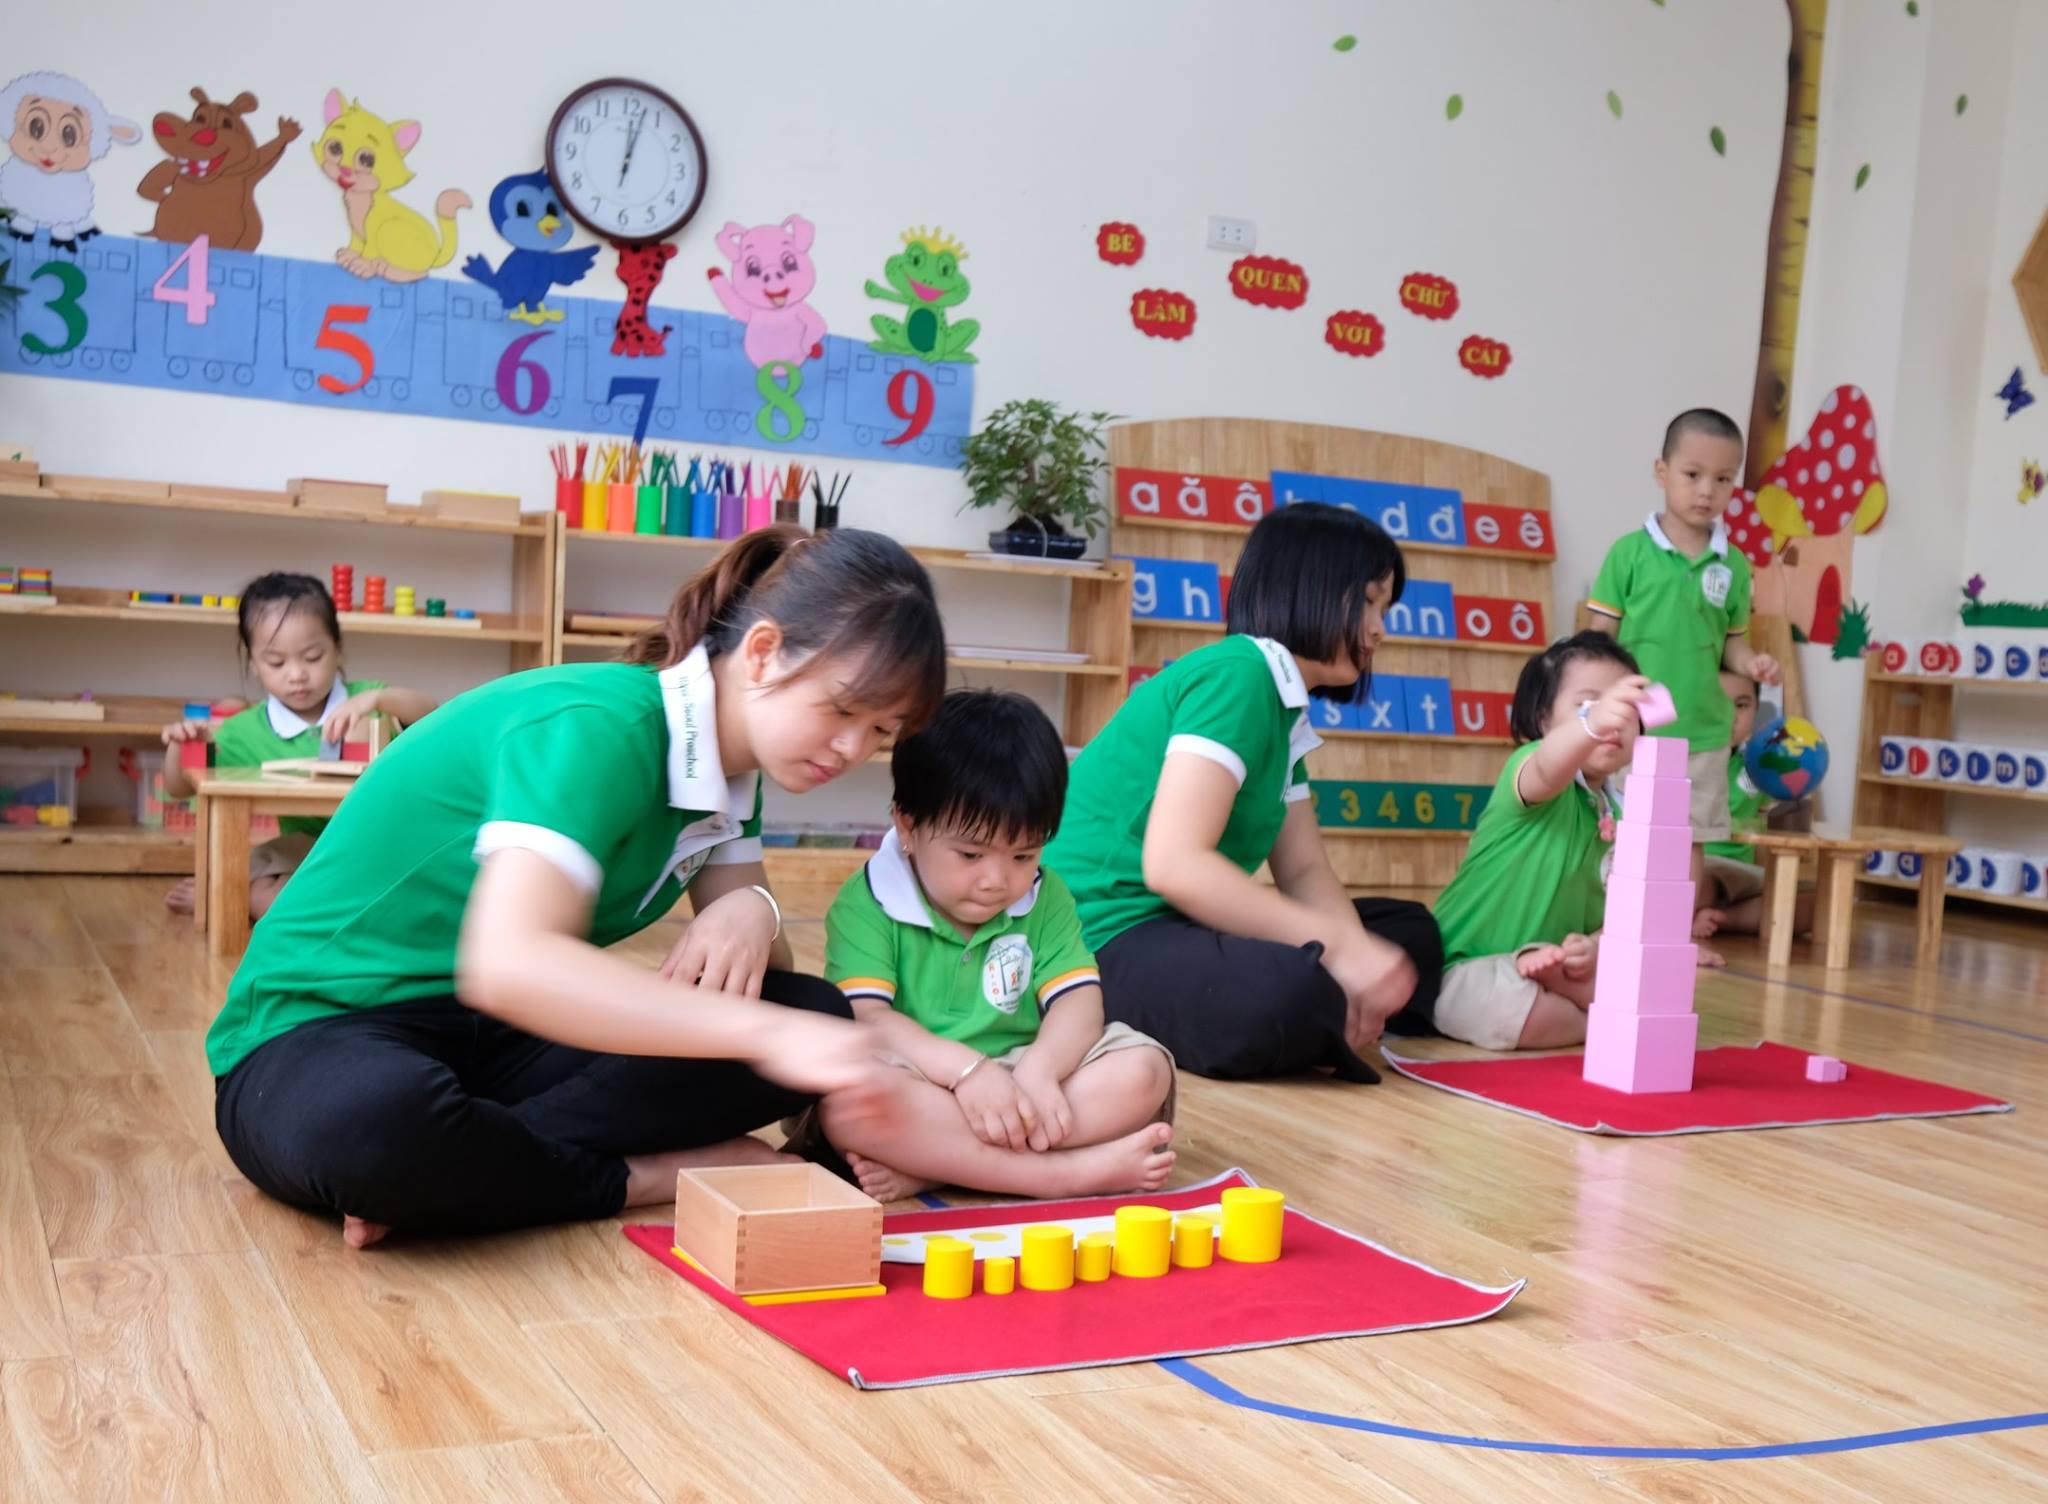 Trường mầm non Hà Nội Seoul (Hanoi Seoul Montessori Preschool) -  Đường Đỗ Nhuận